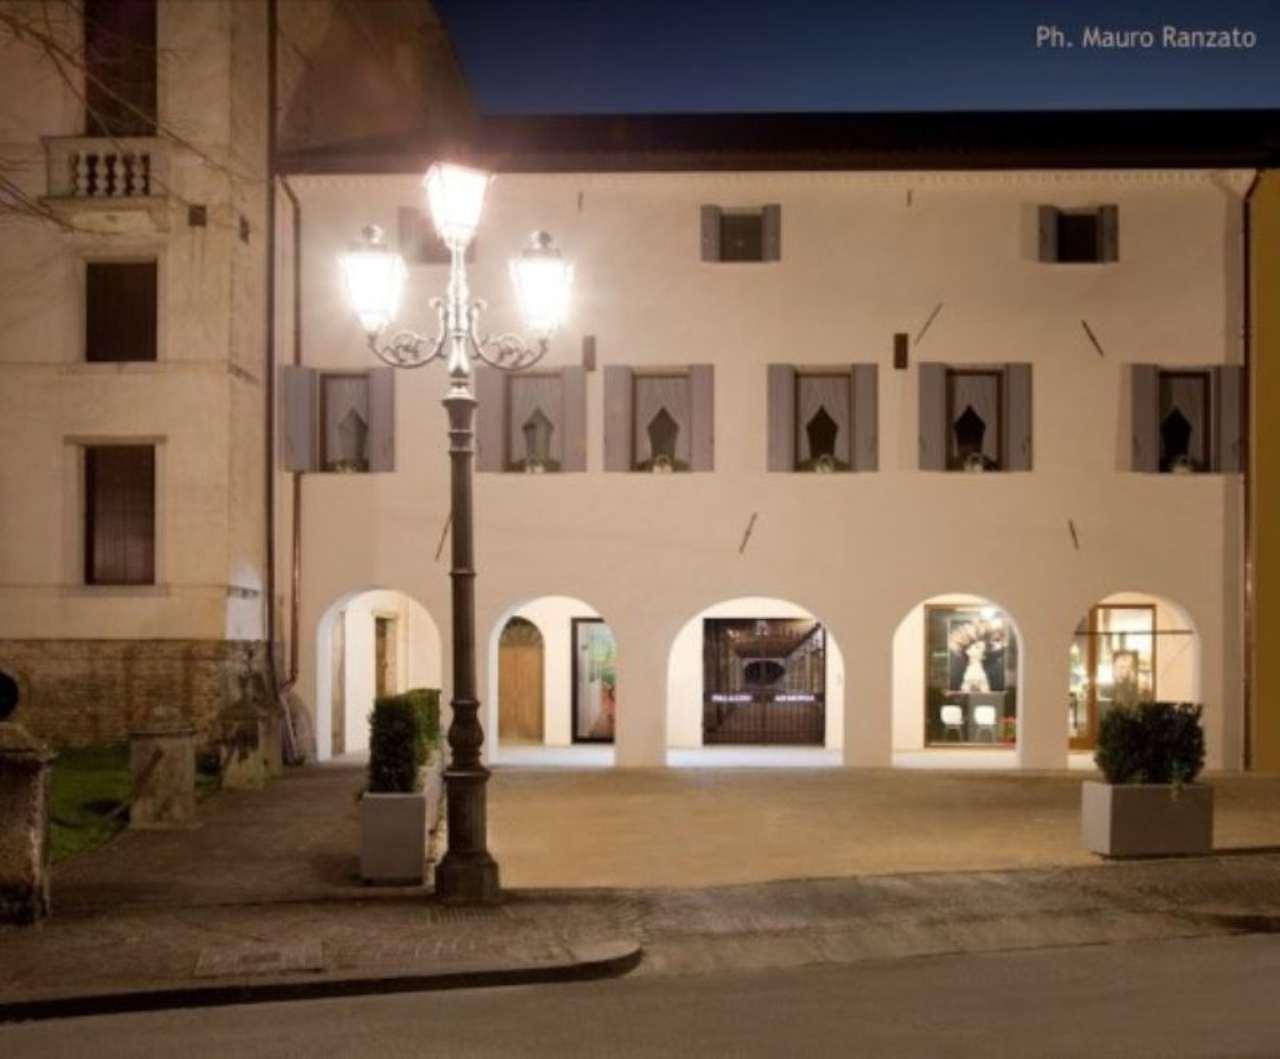 Attico / Mansarda in vendita a Piove di Sacco, 6 locali, Trattative riservate | CambioCasa.it